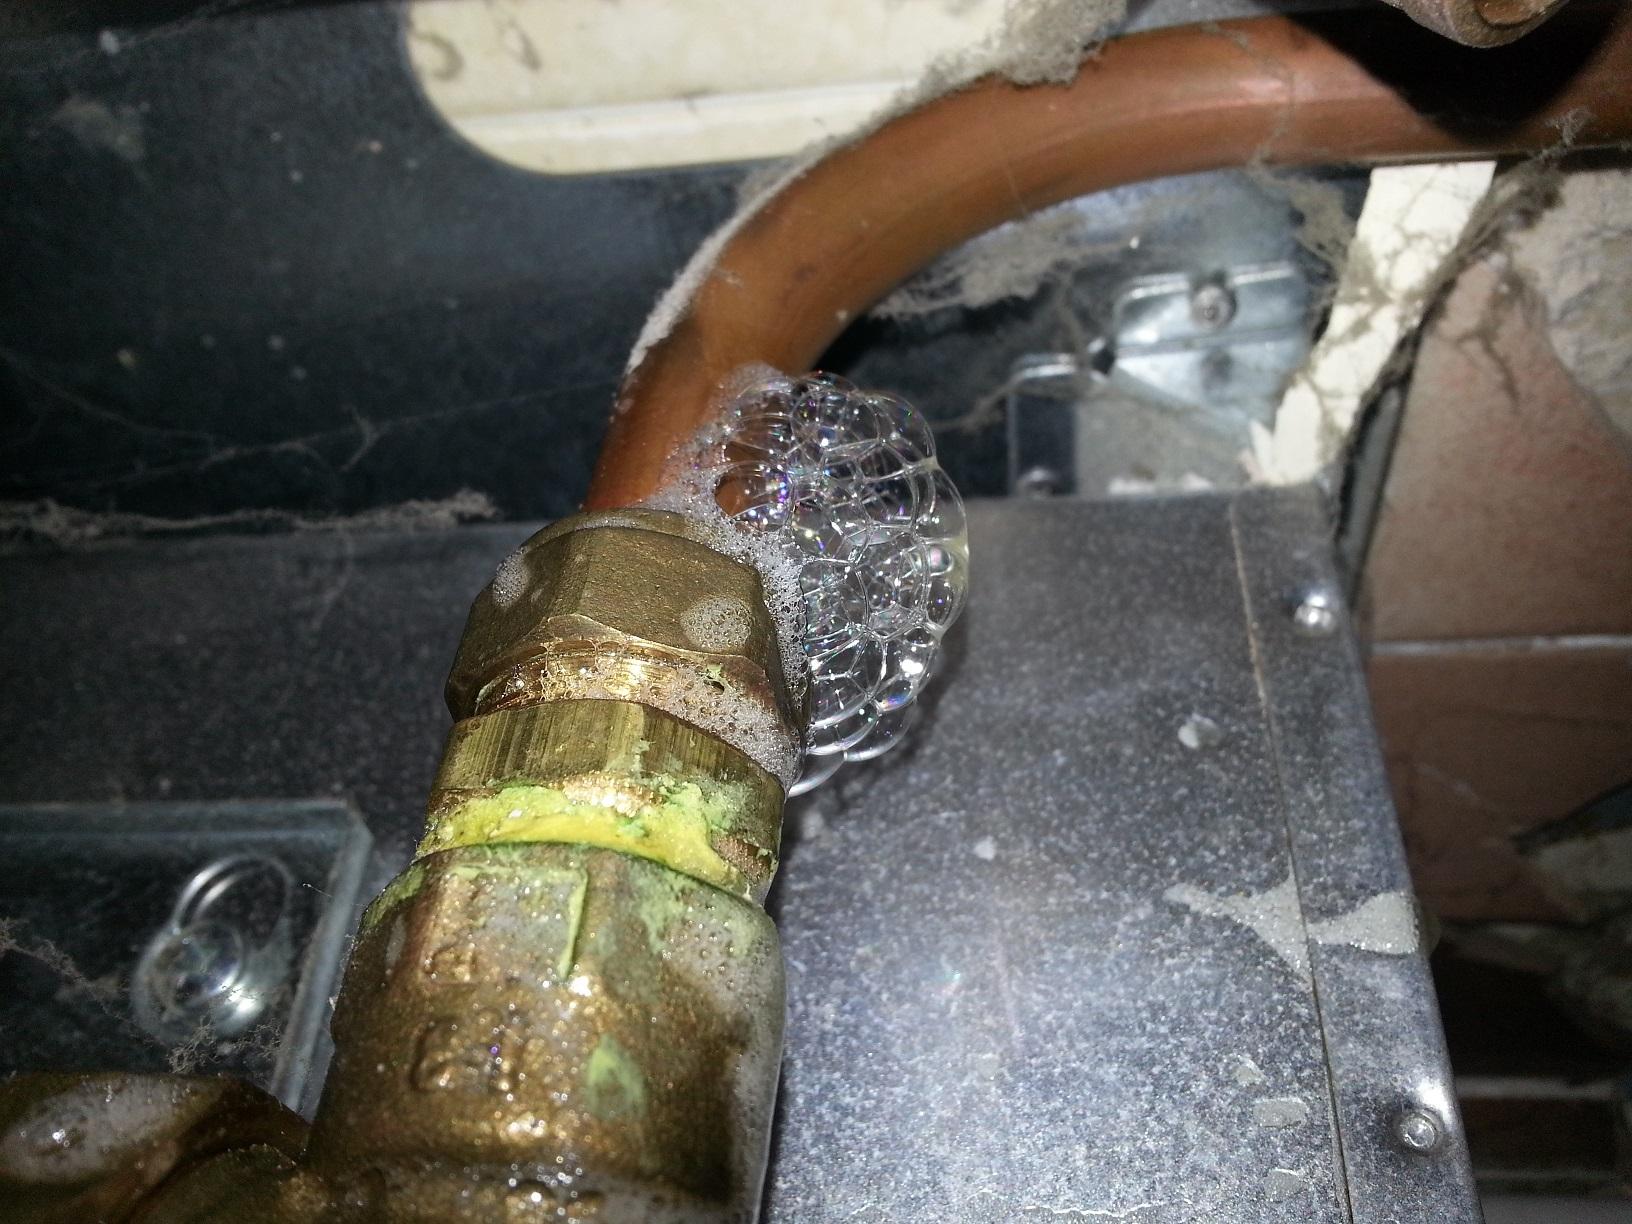 Gas leaks